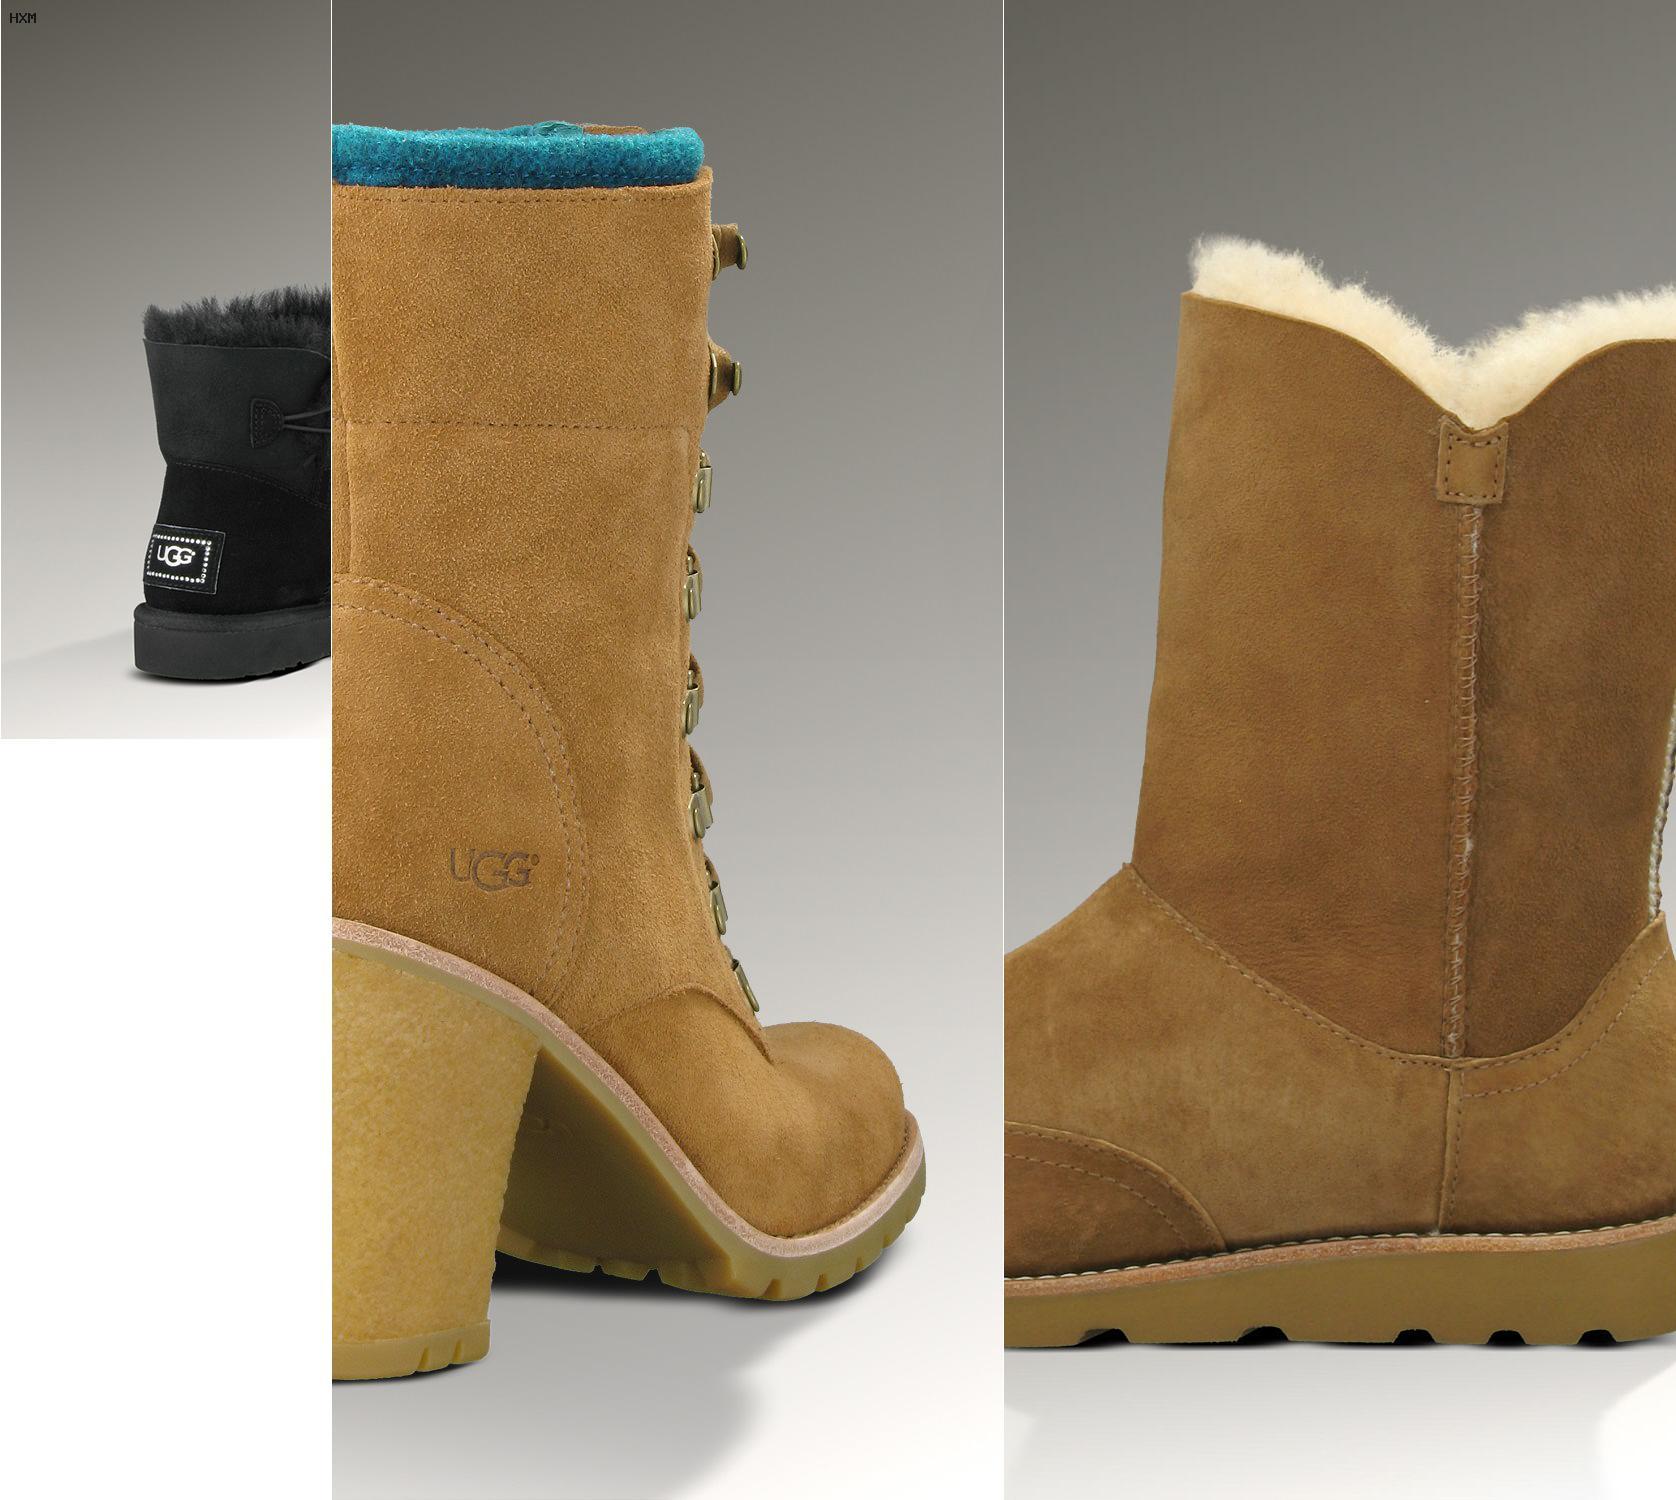 modelos de botas ugg